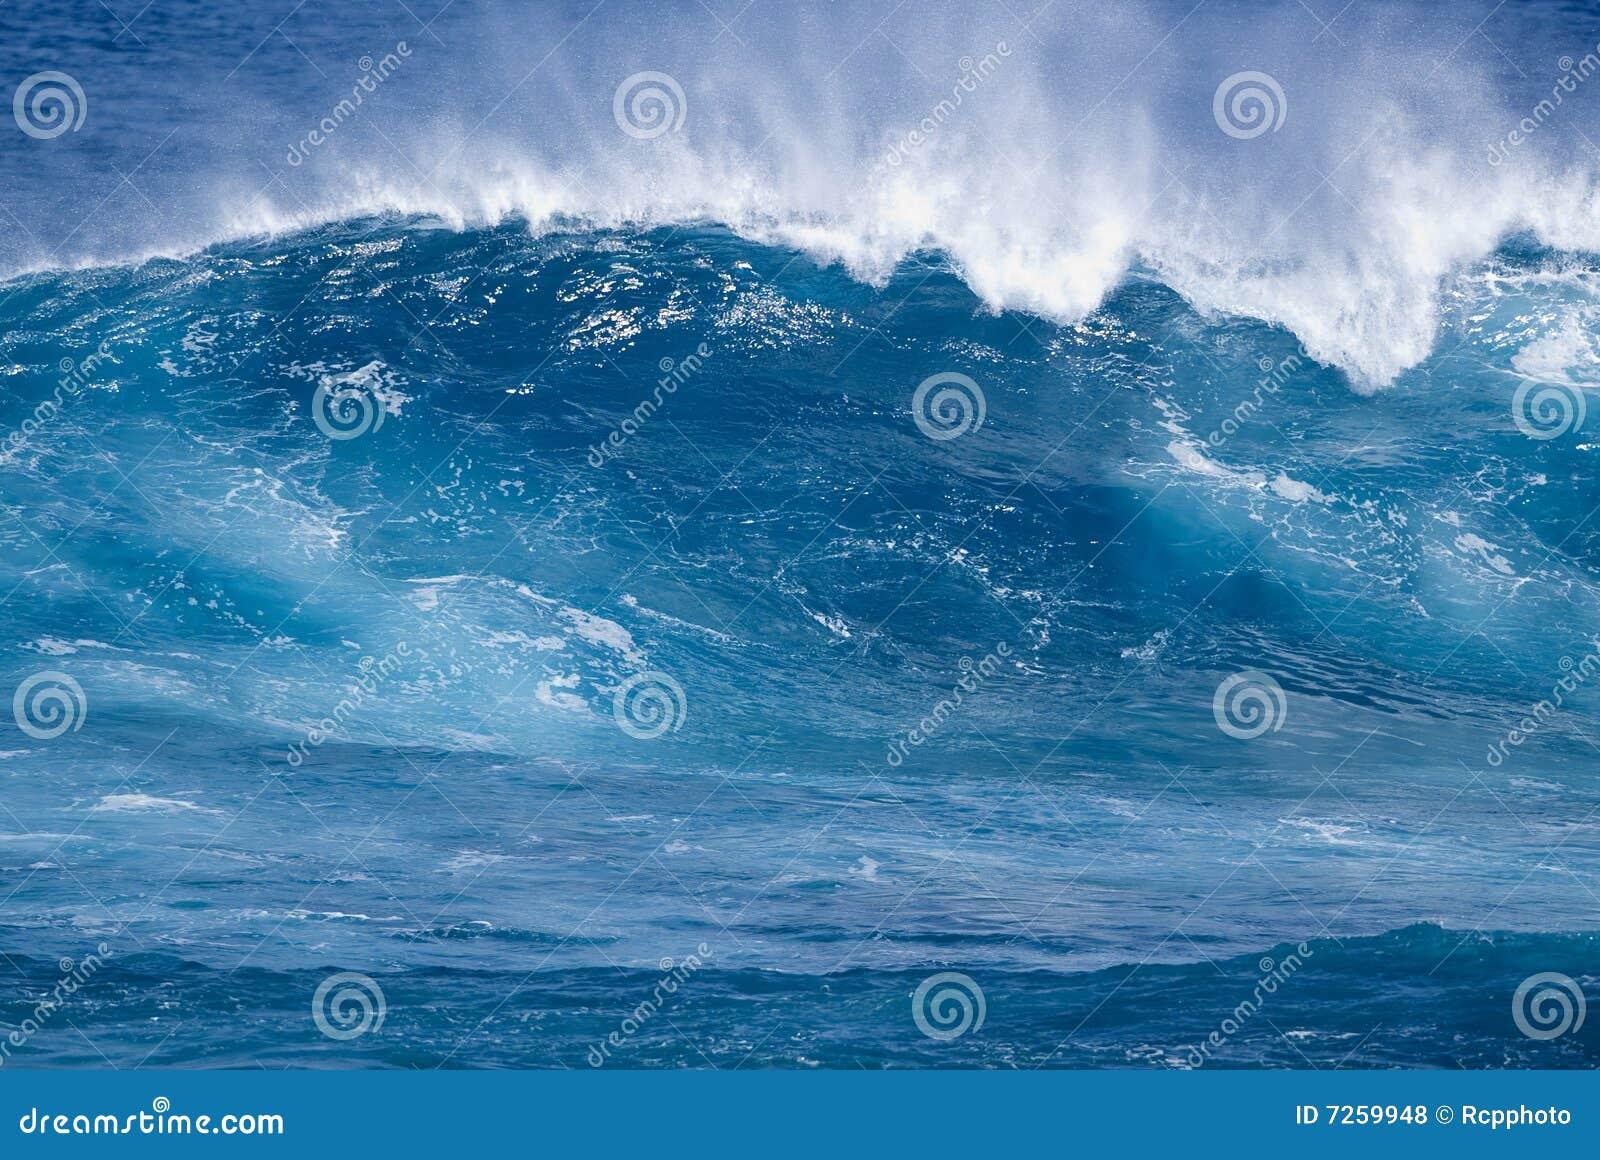 Tropisk wave